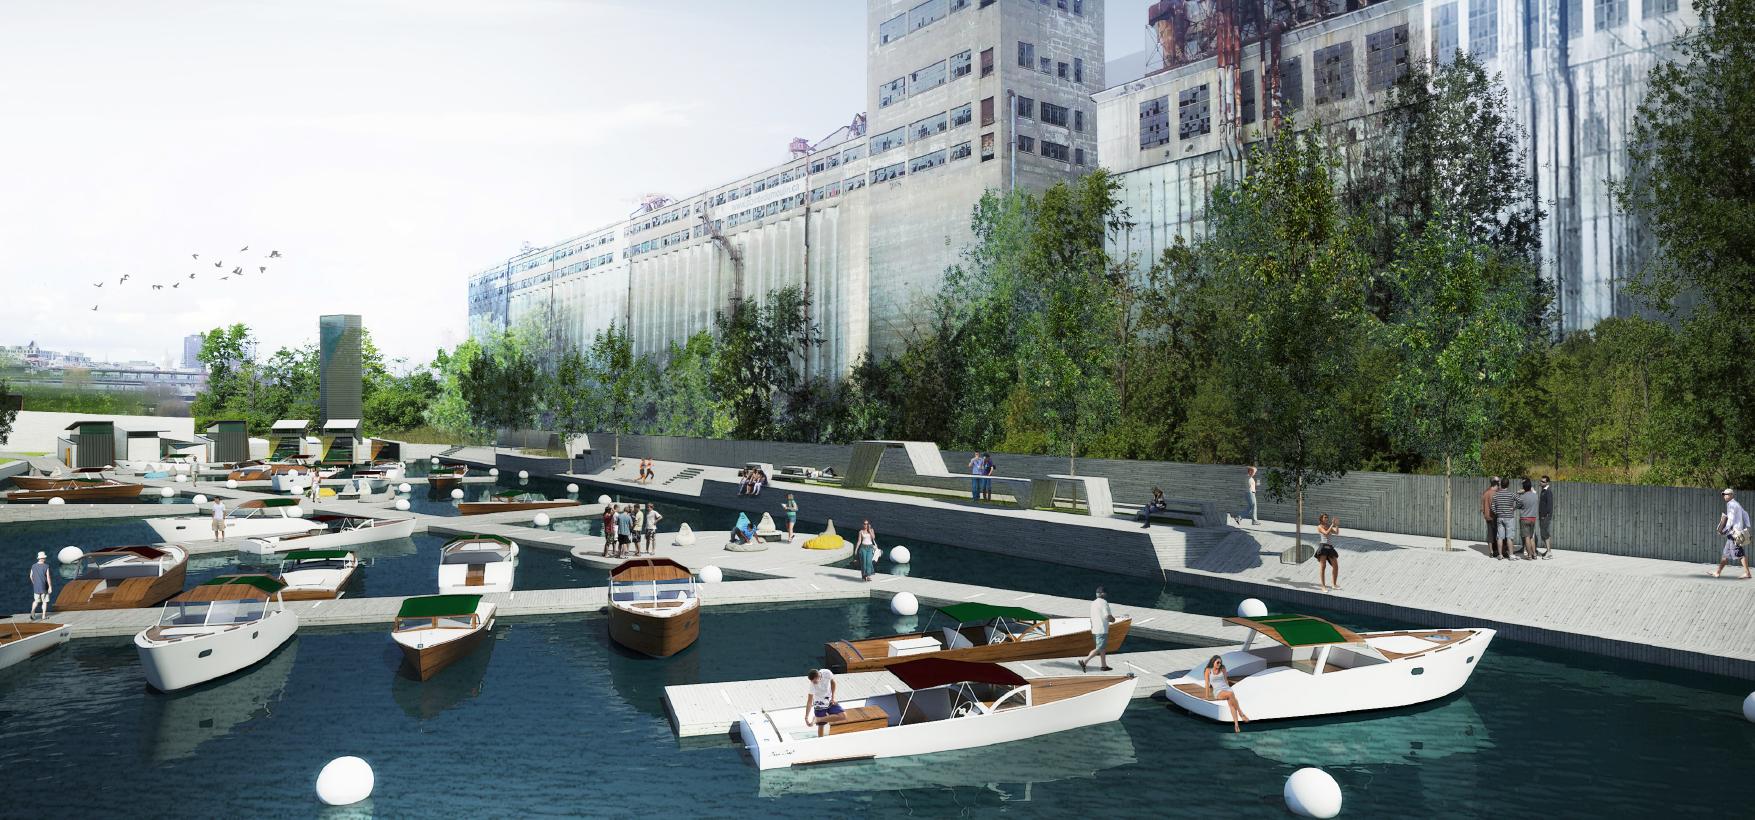 Tu vas pouvoir coucher dans des bateaux et faire du camping cet été dans le Vieux-Port de Montréal